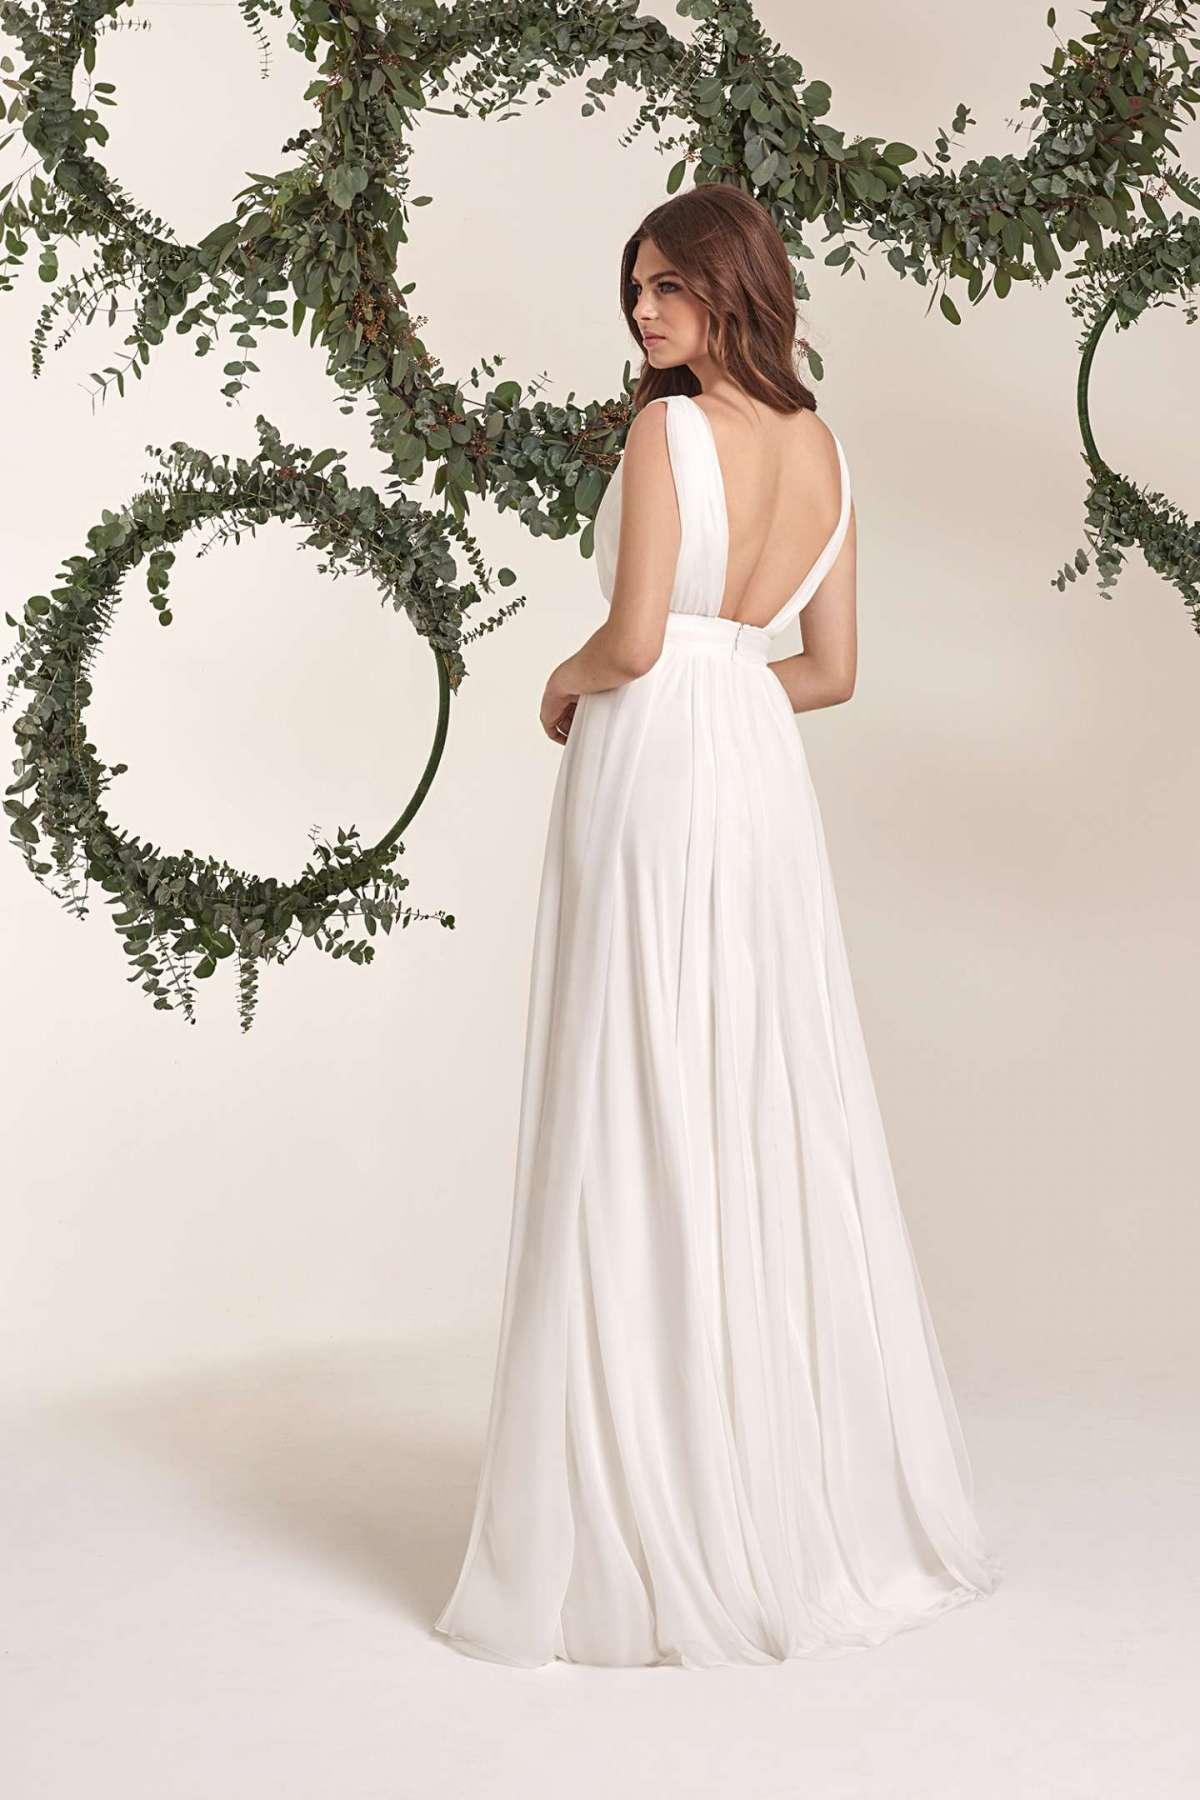 Vestito da sposa stile impero Atelier Emé, dettaglio